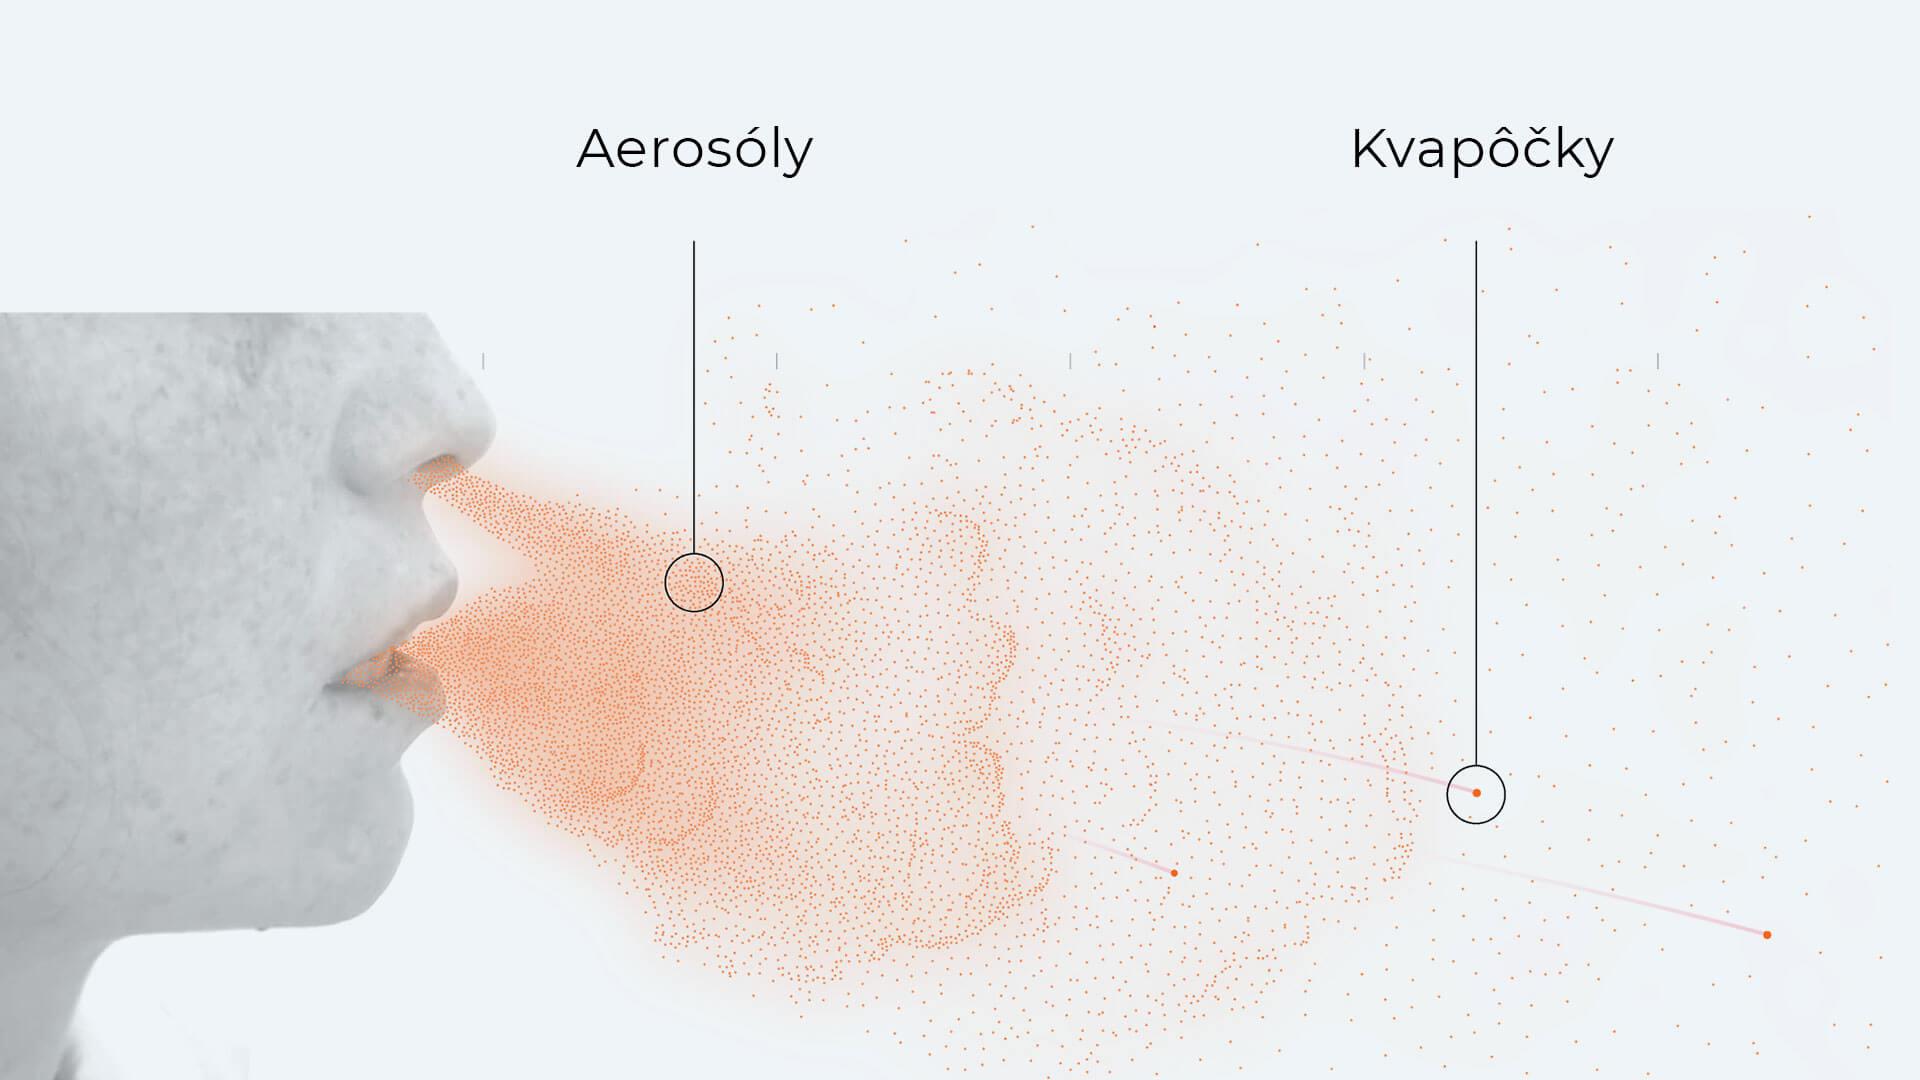 Airosóly a kvapôčky